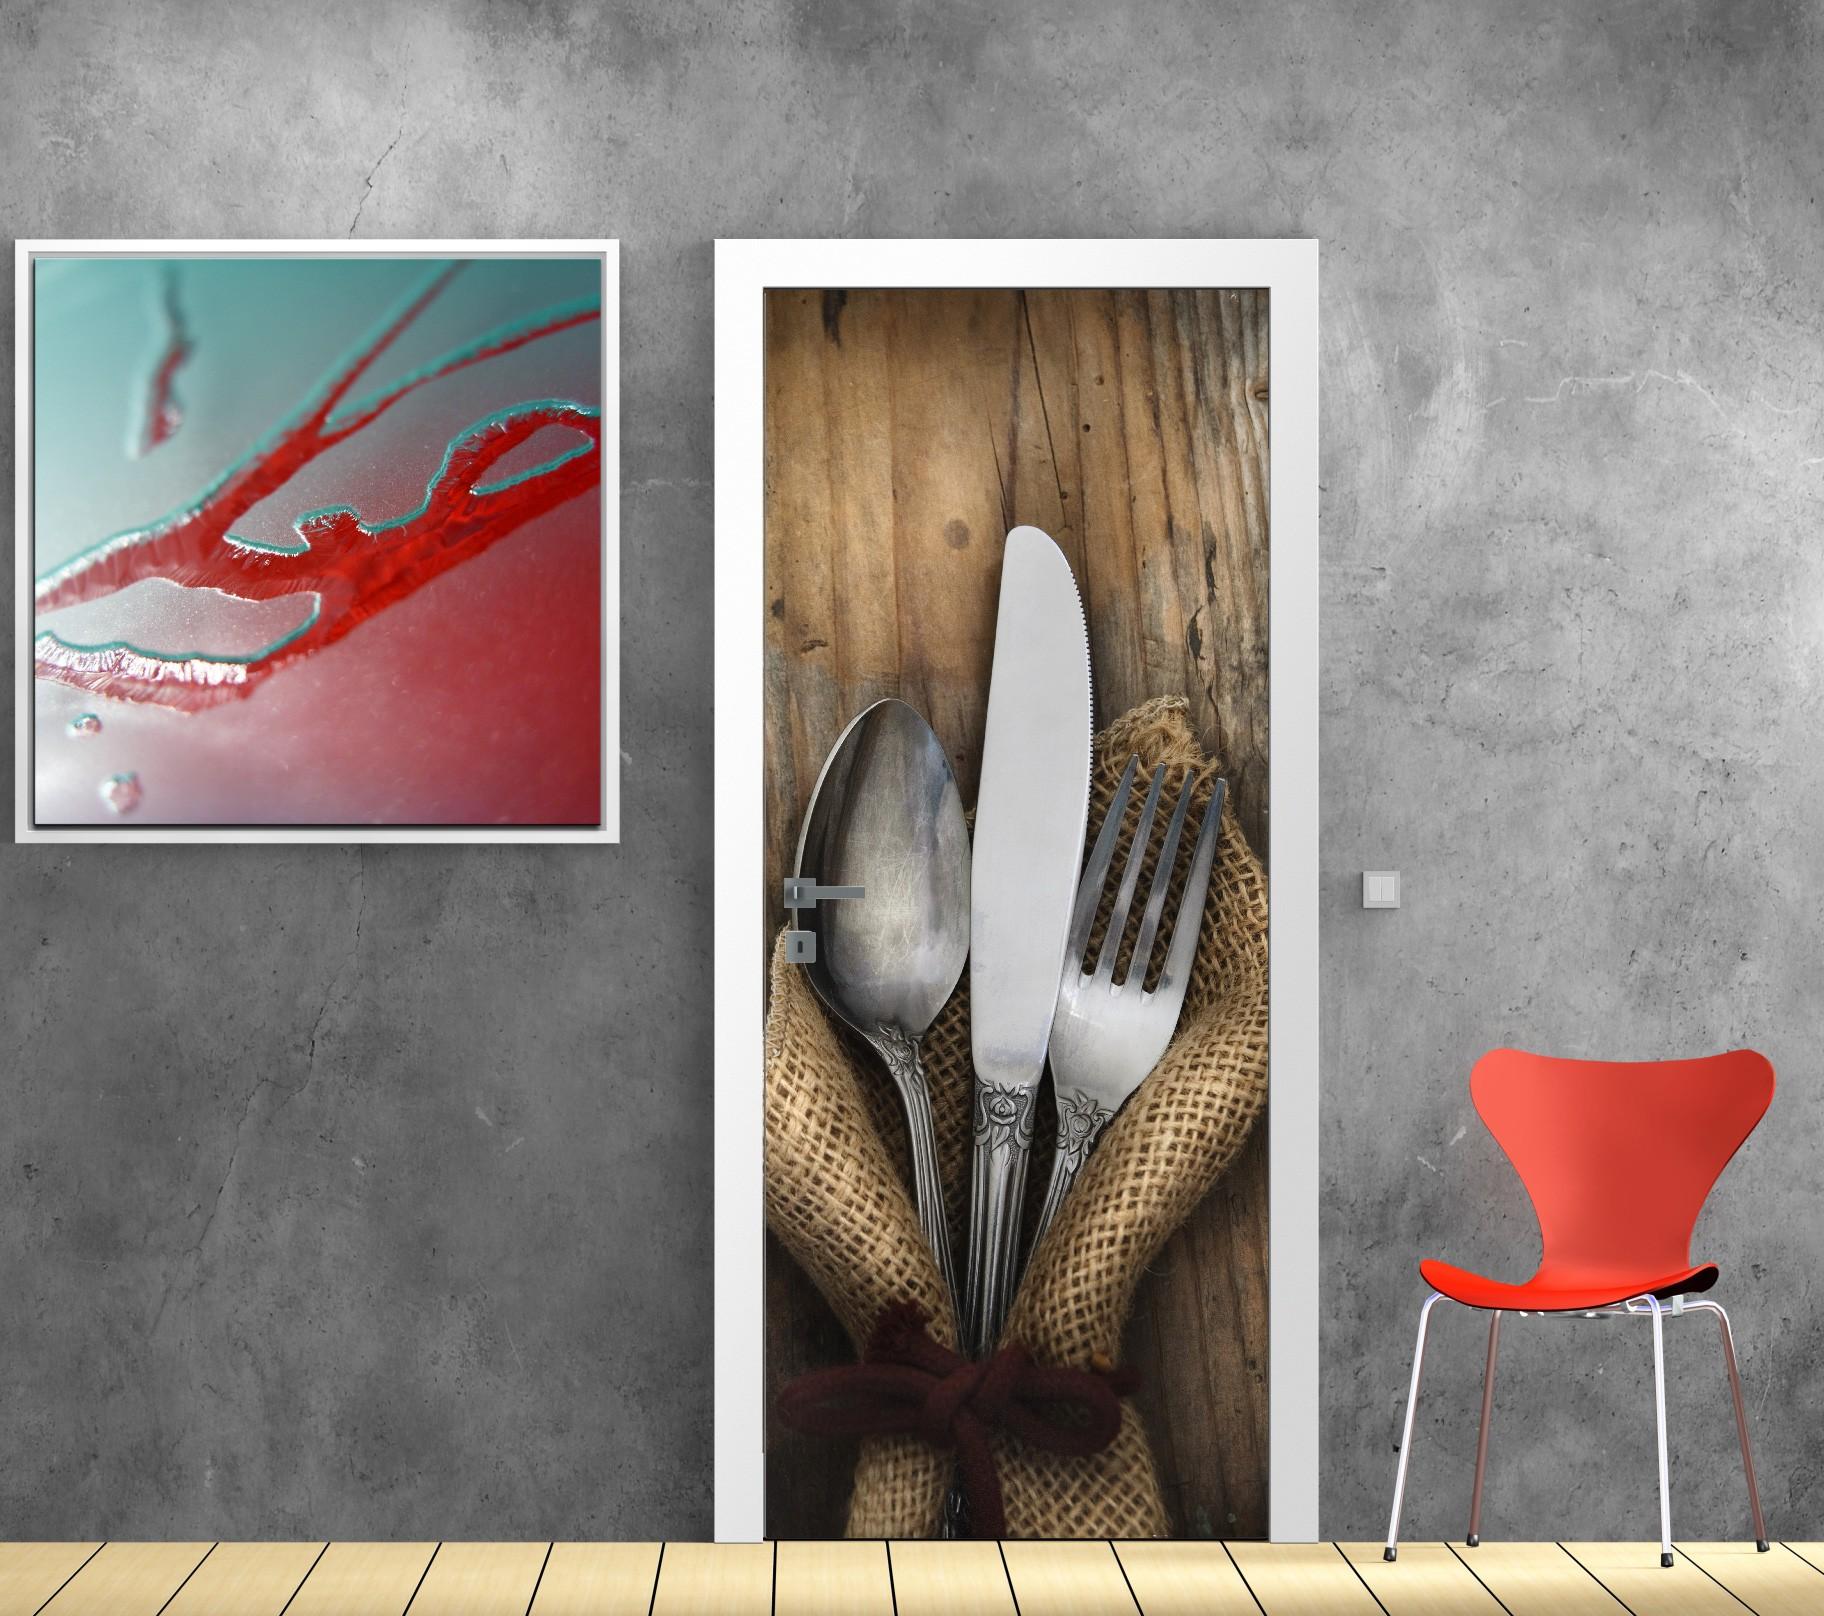 Papier Peint Pour Cuisine papier peint porte déco - couverts - art déco stickers